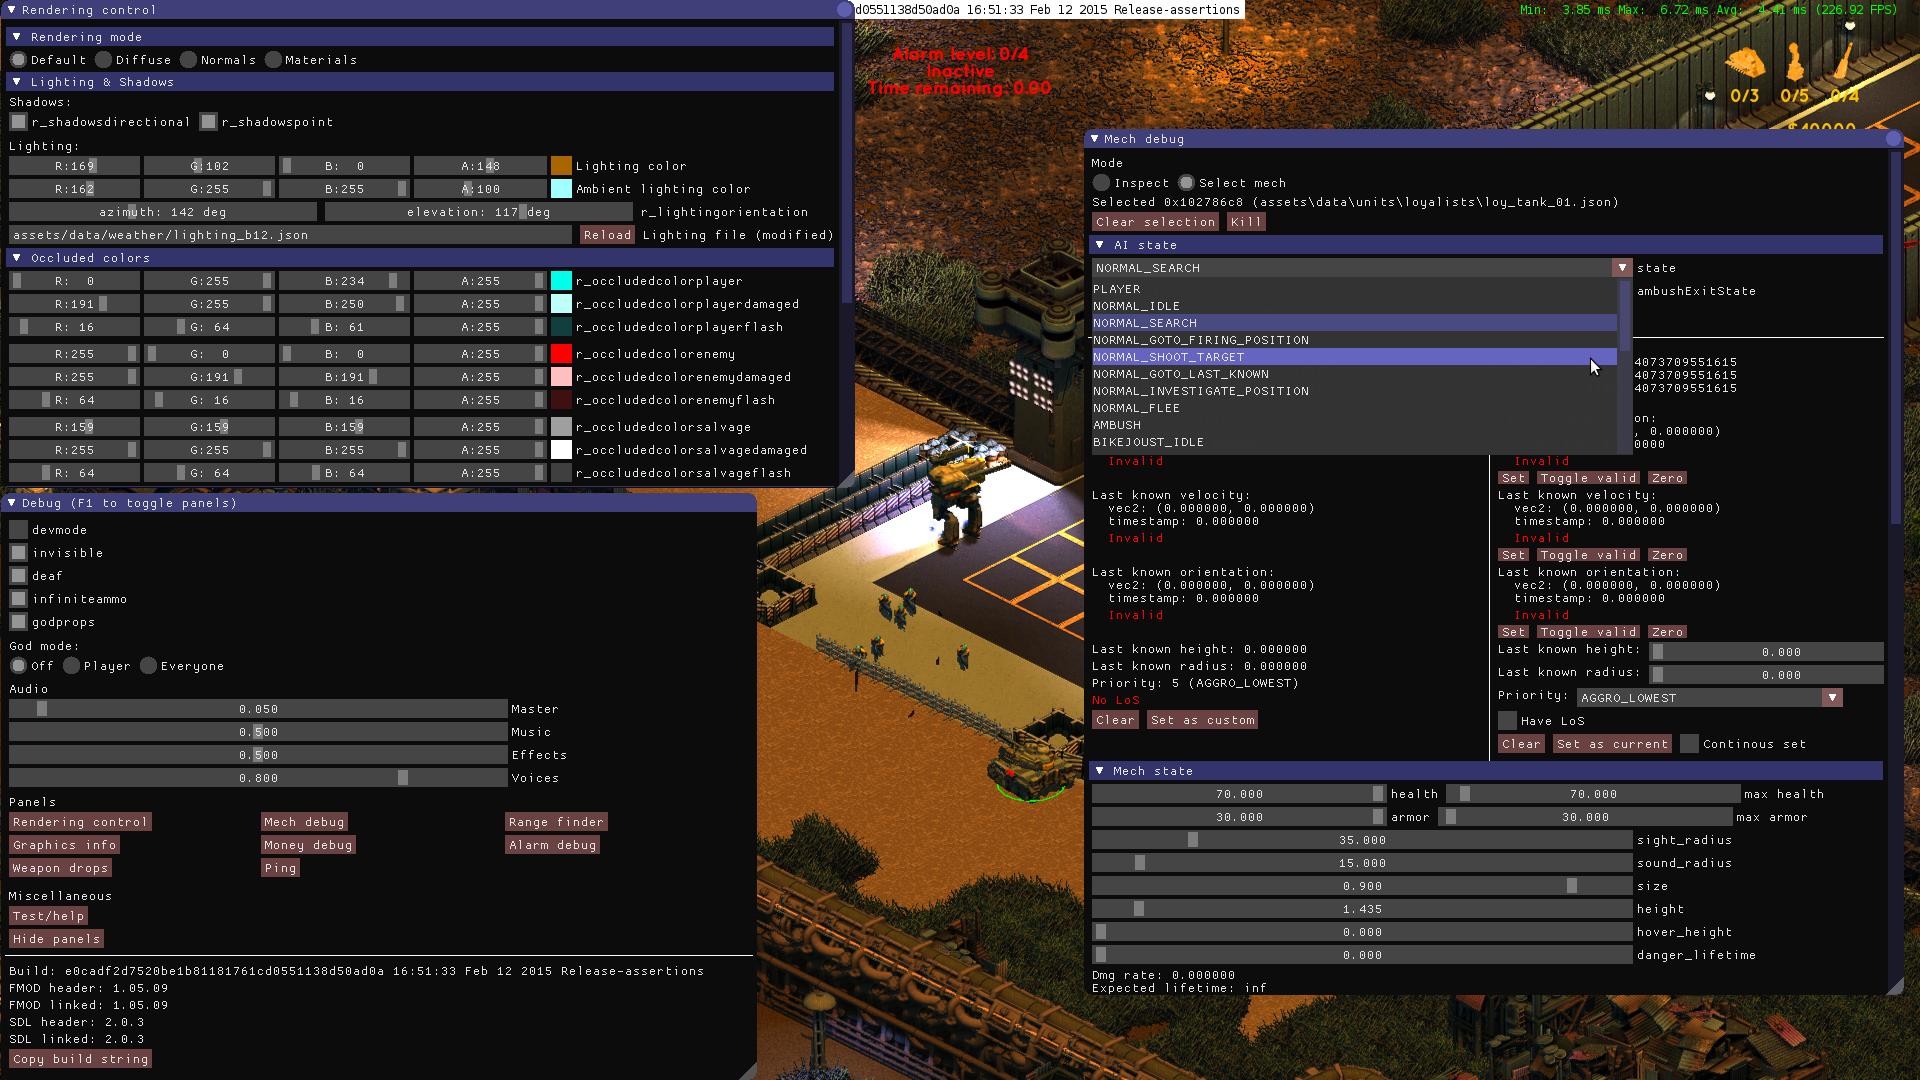 screenshot-brigador e0cadf2d7520be1b81181761cd0551138d50ad0a 16 51 33 feb 12 2015 release-assertions -3